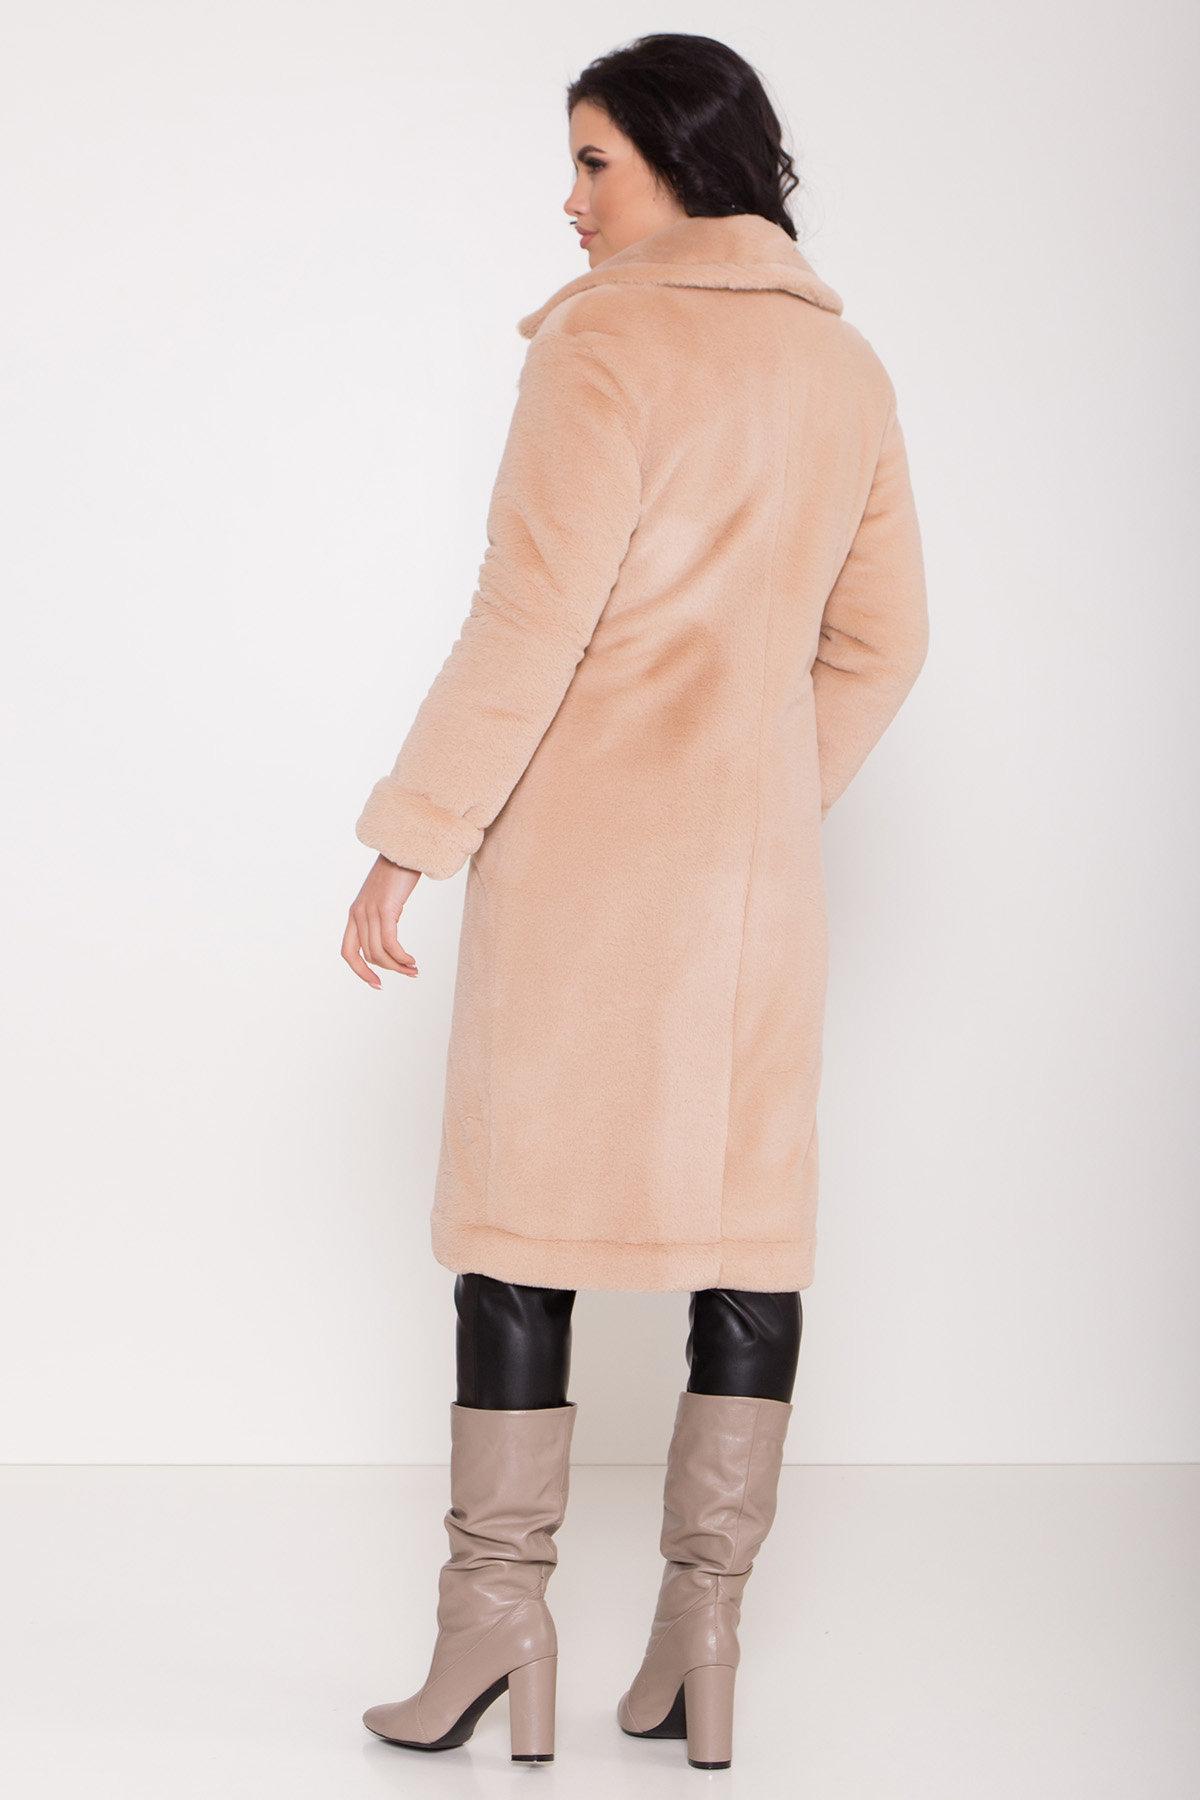 Зимнее пальто из искусственного меха норки Саманта 8641 АРТ. 44956 Цвет: Бежевый - фото 4, интернет магазин tm-modus.ru